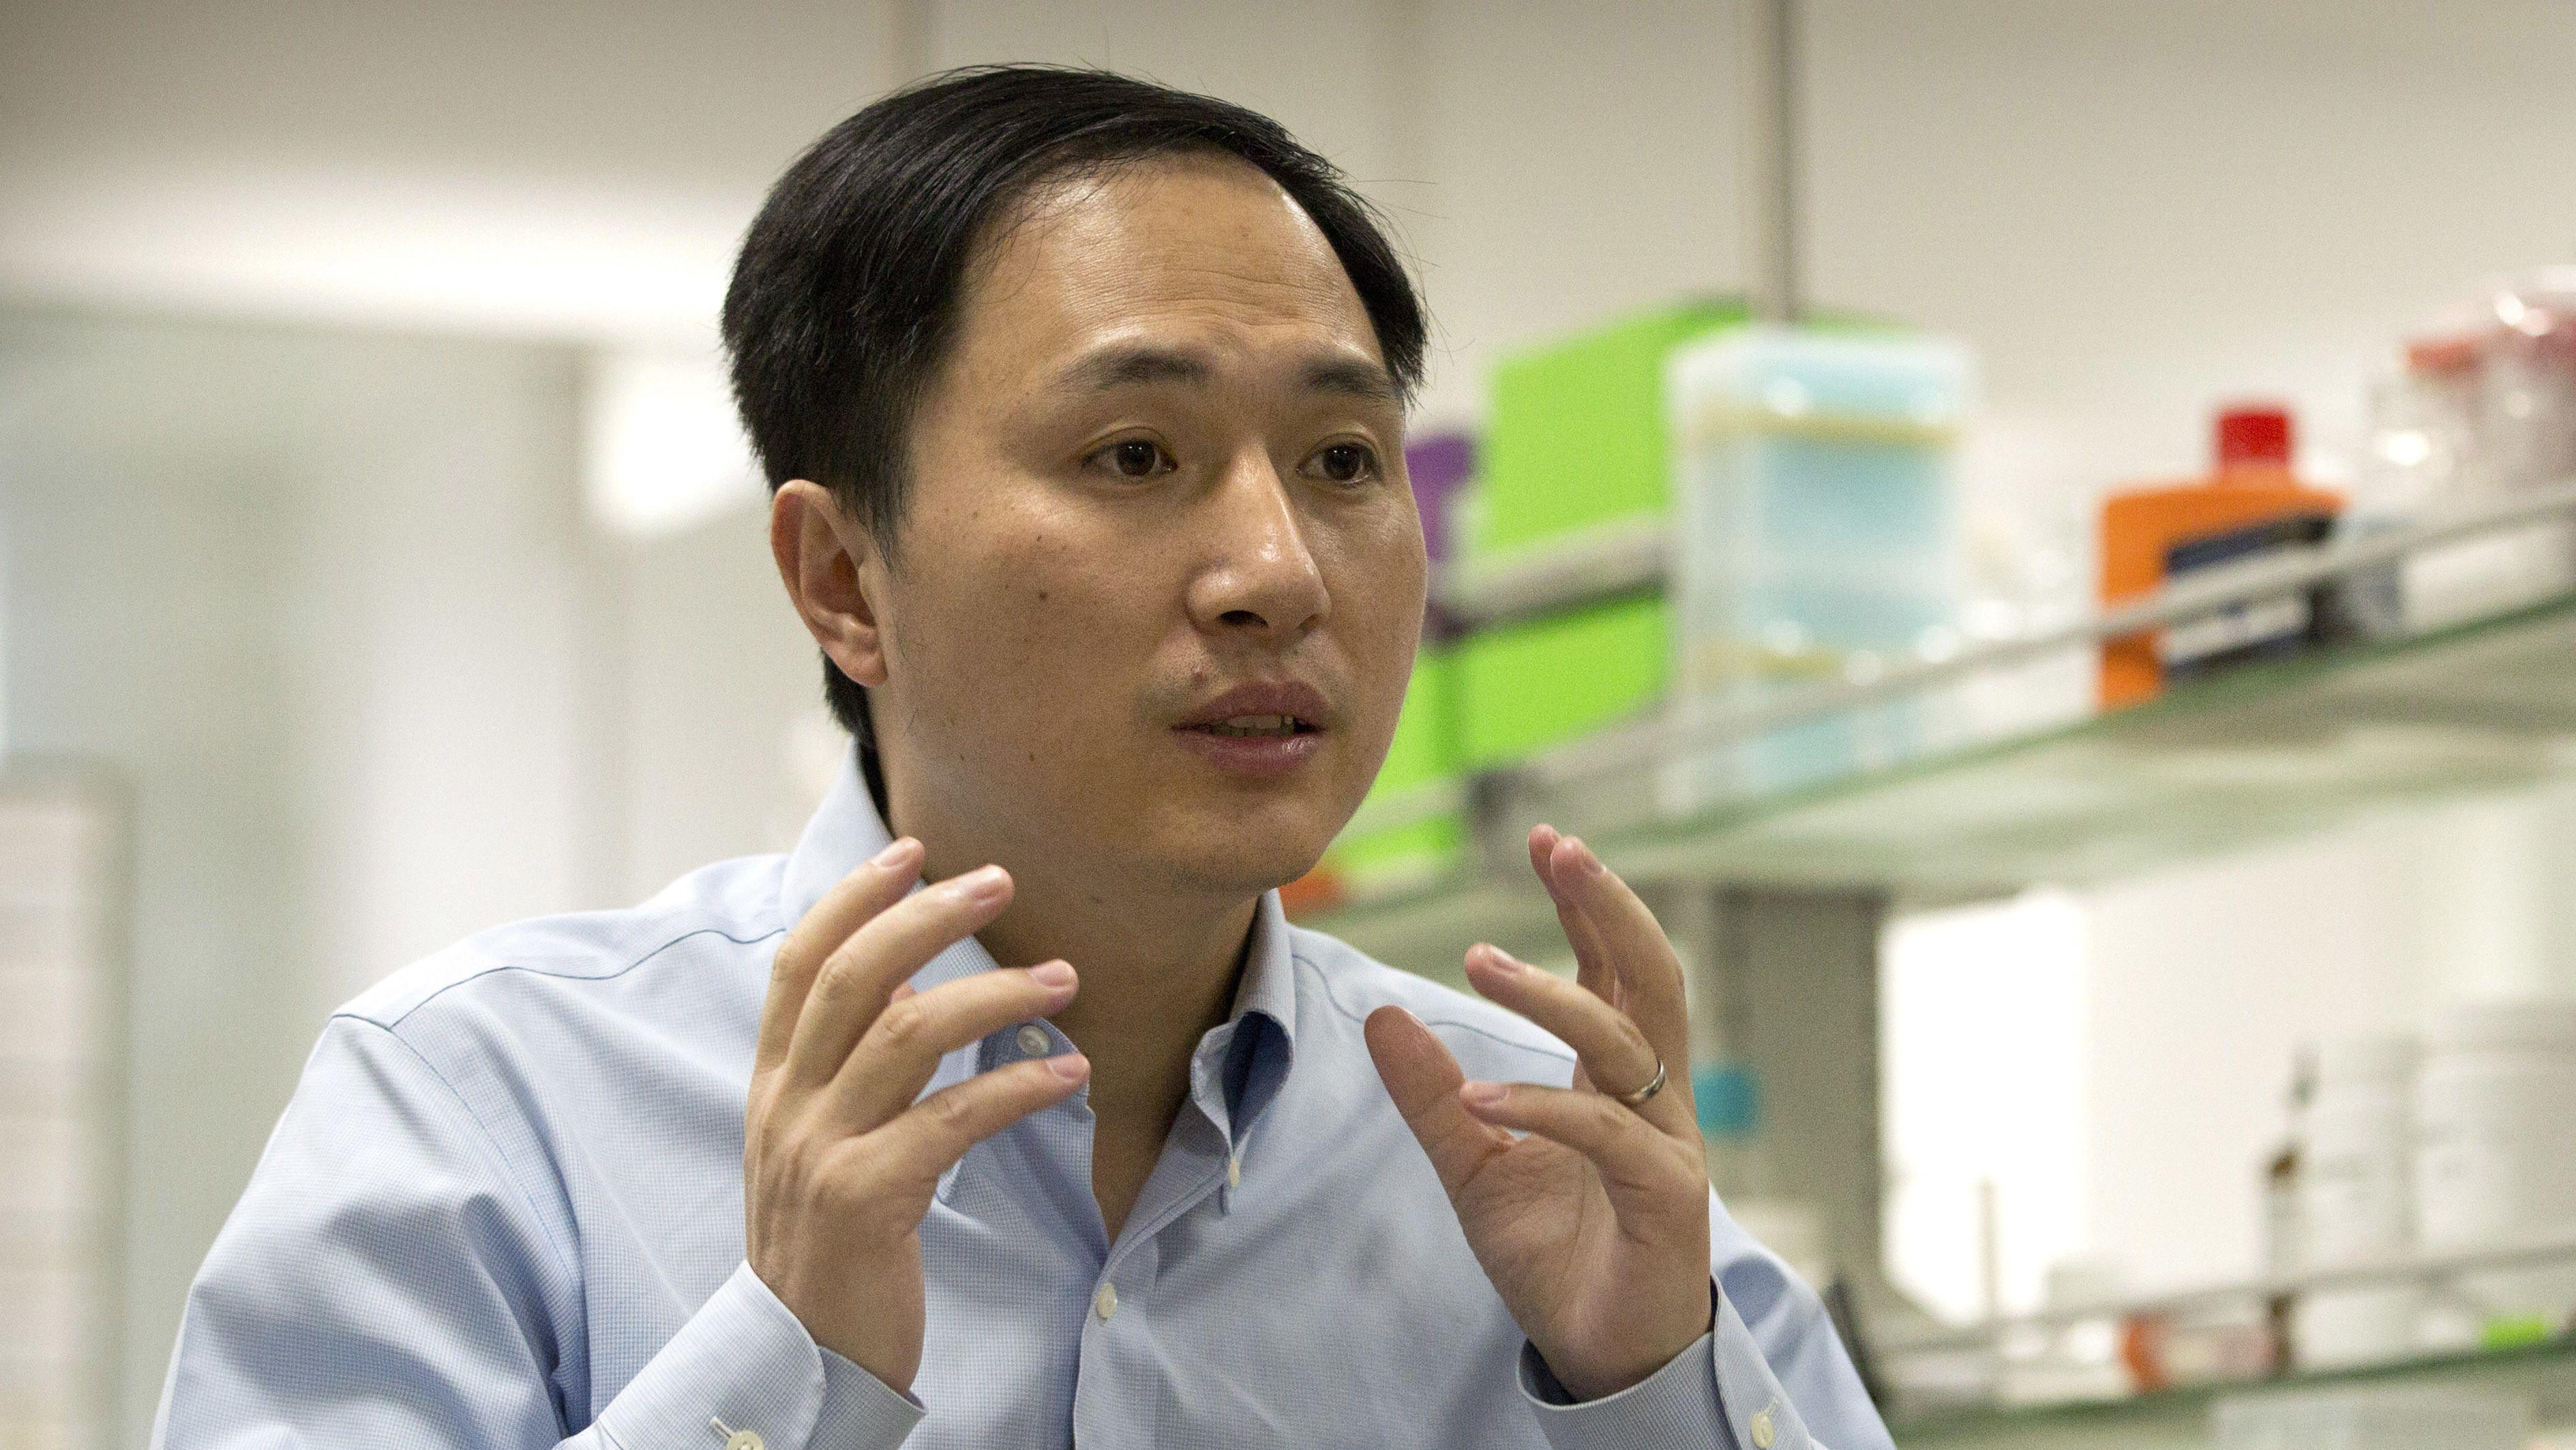 Der chinesische Wissenschaftler He Jiankui steht in seinem Labor in Shenzhen in der südlichen chinesischen Provinz Guangdong.